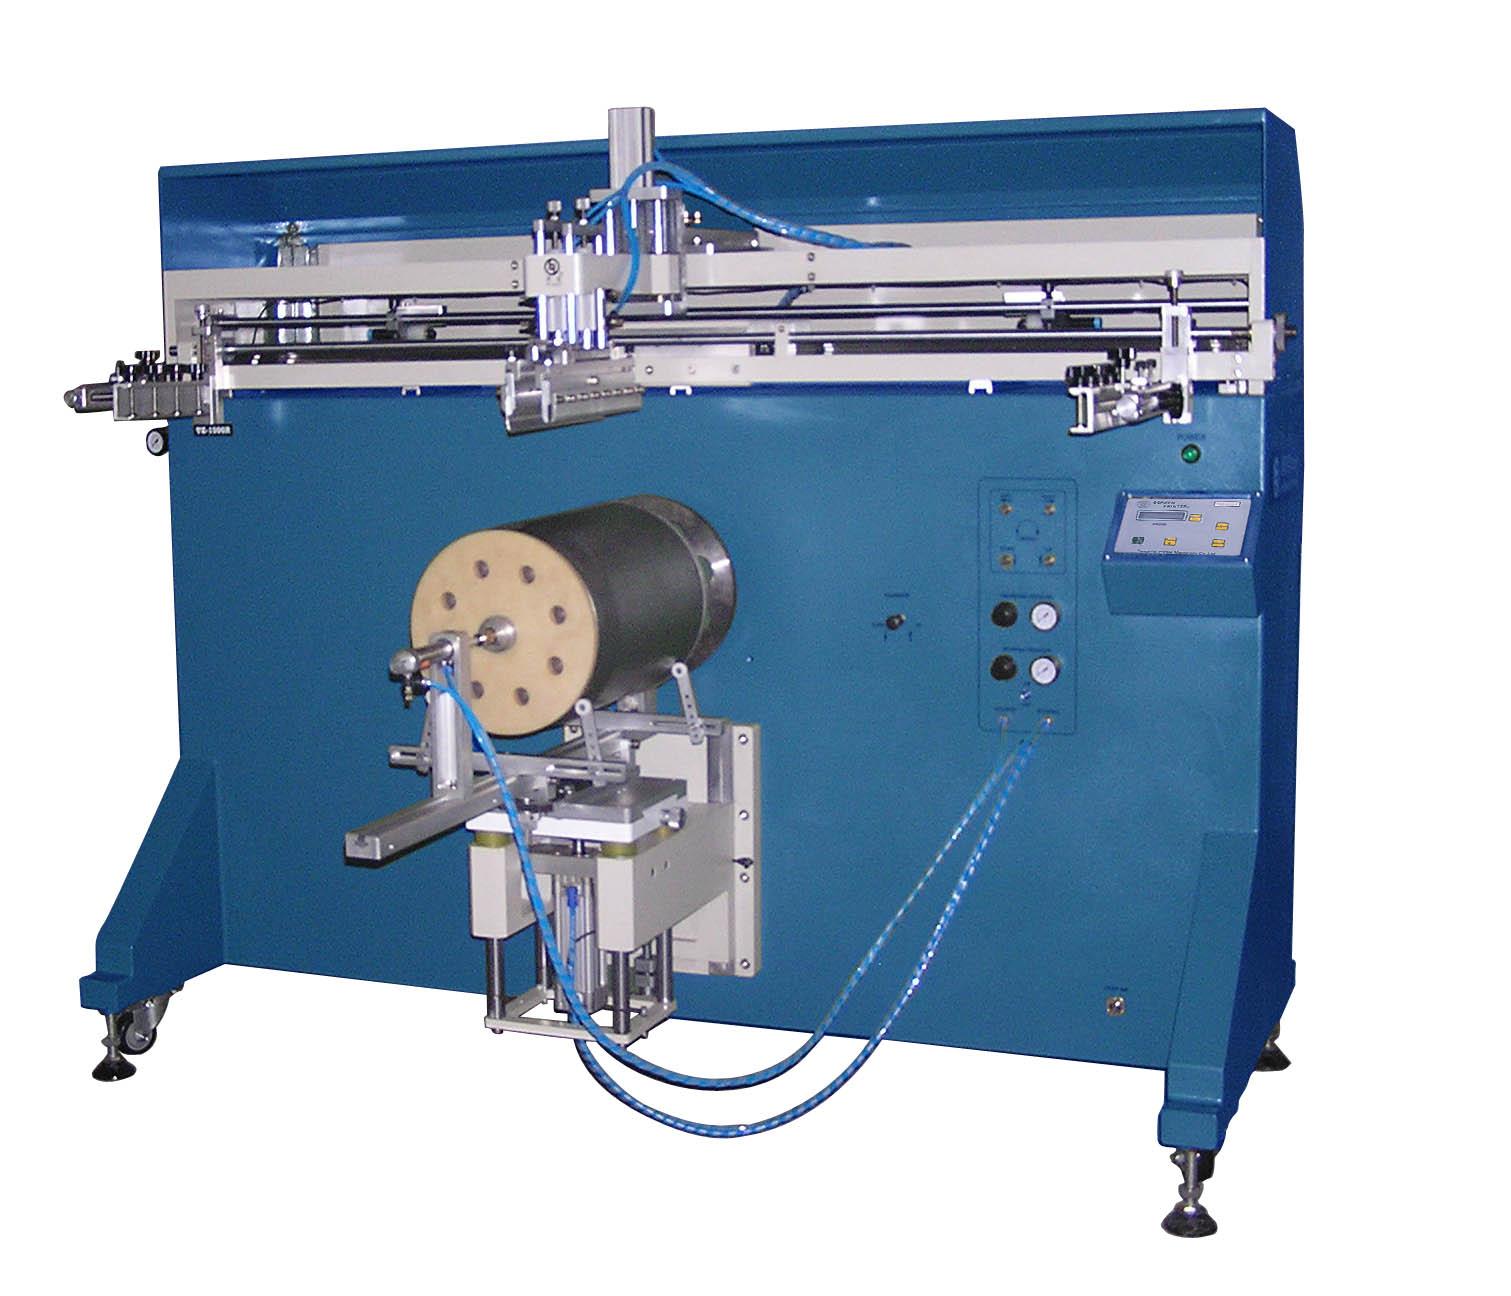 铁桶丝印机,塑料桶丝网印刷机,油漆桶丝印机